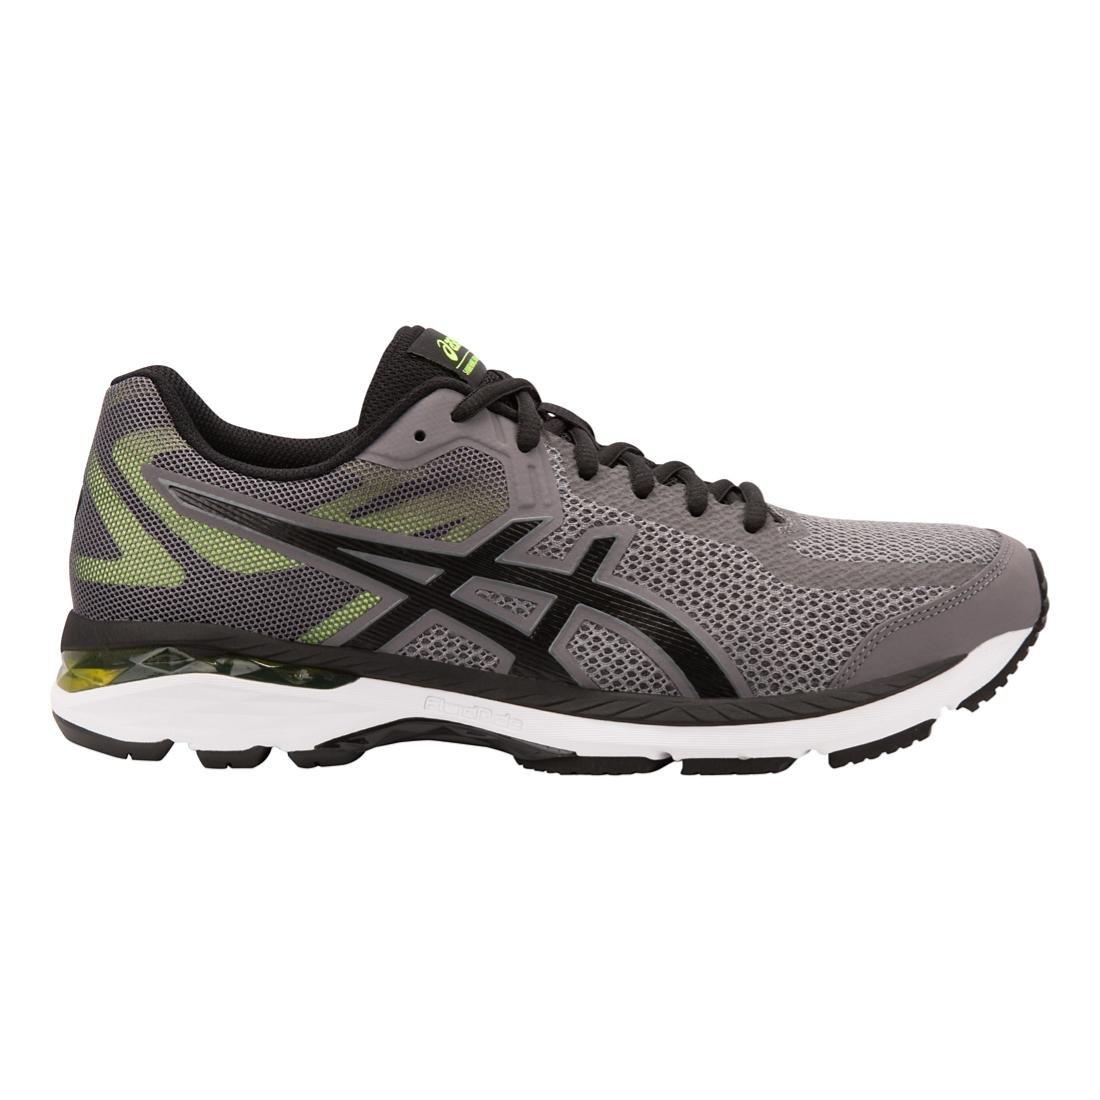 ASICS Men's Gel-Glyde 2 Running Shoe B07DNFDTQC 11.5 D(M) US|Carbon/Gray